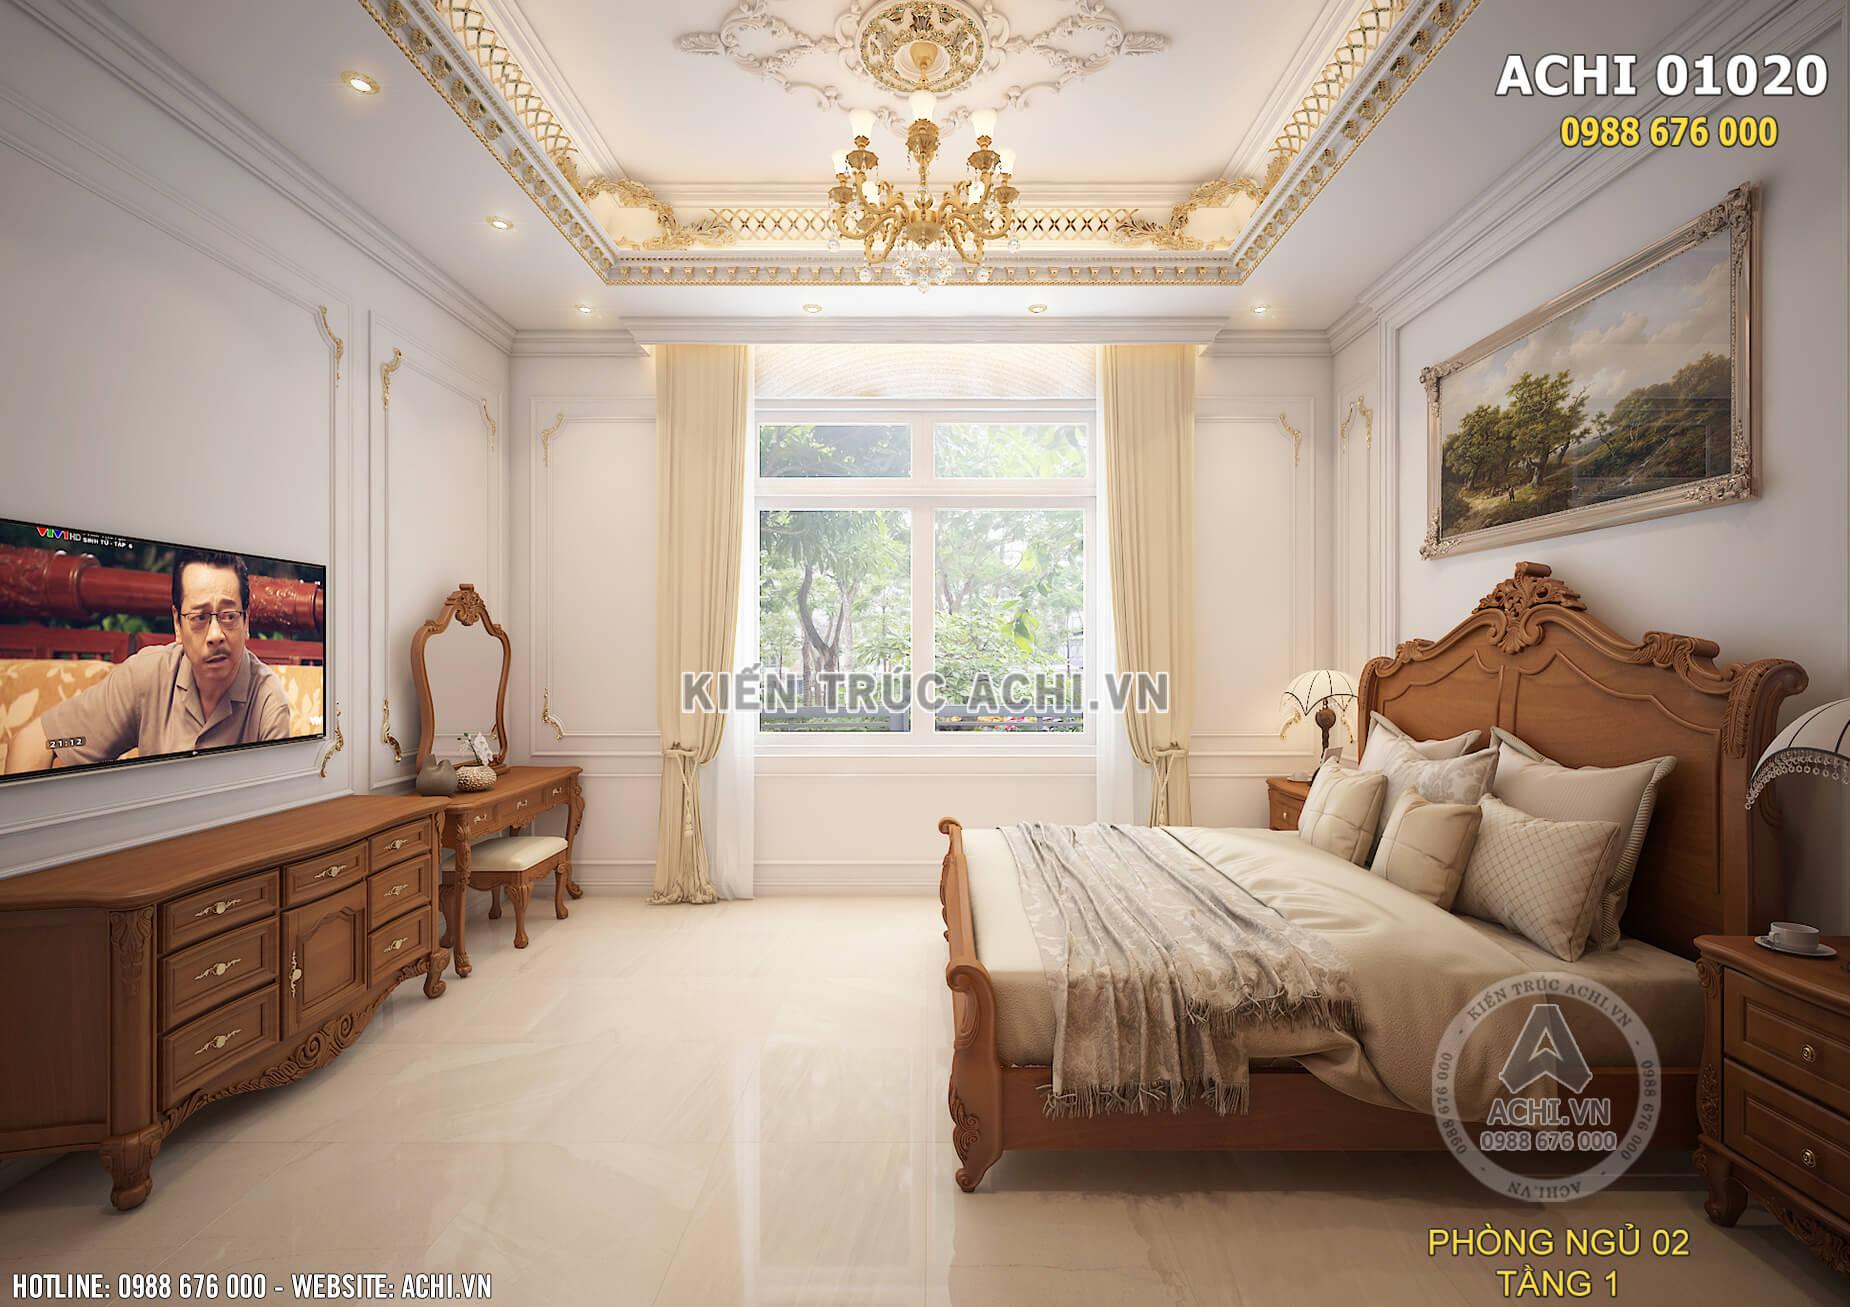 Tầm view đẹp của phòng ngủ ở tầng 1 ngôi biệt thự